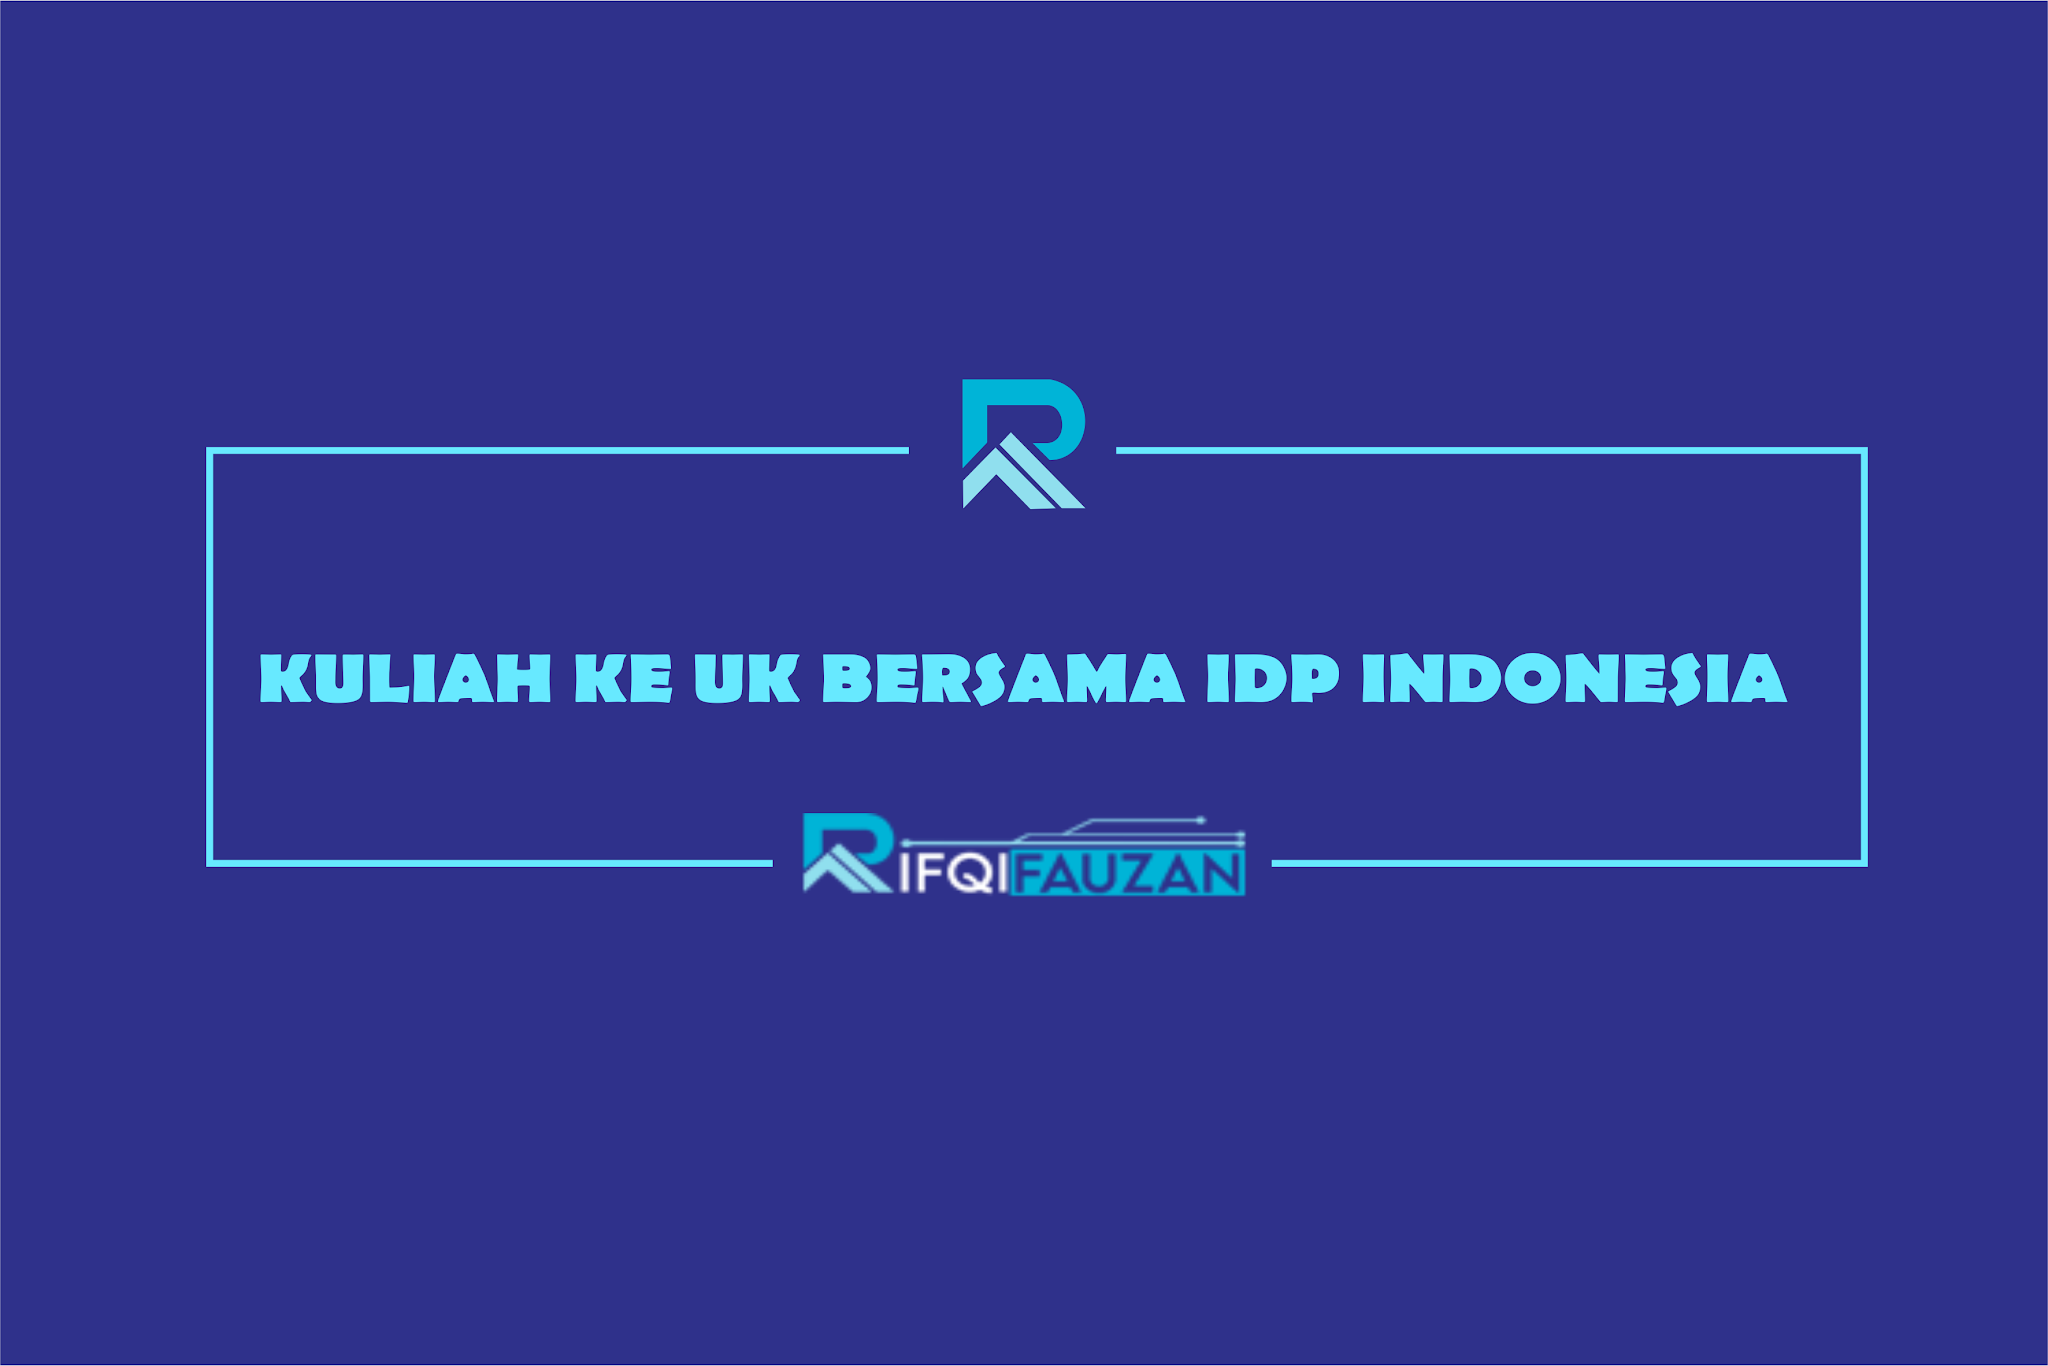 INGIN KULIAH KE UK? KONSULTASIKAN DENGAN IDP INDONESIA